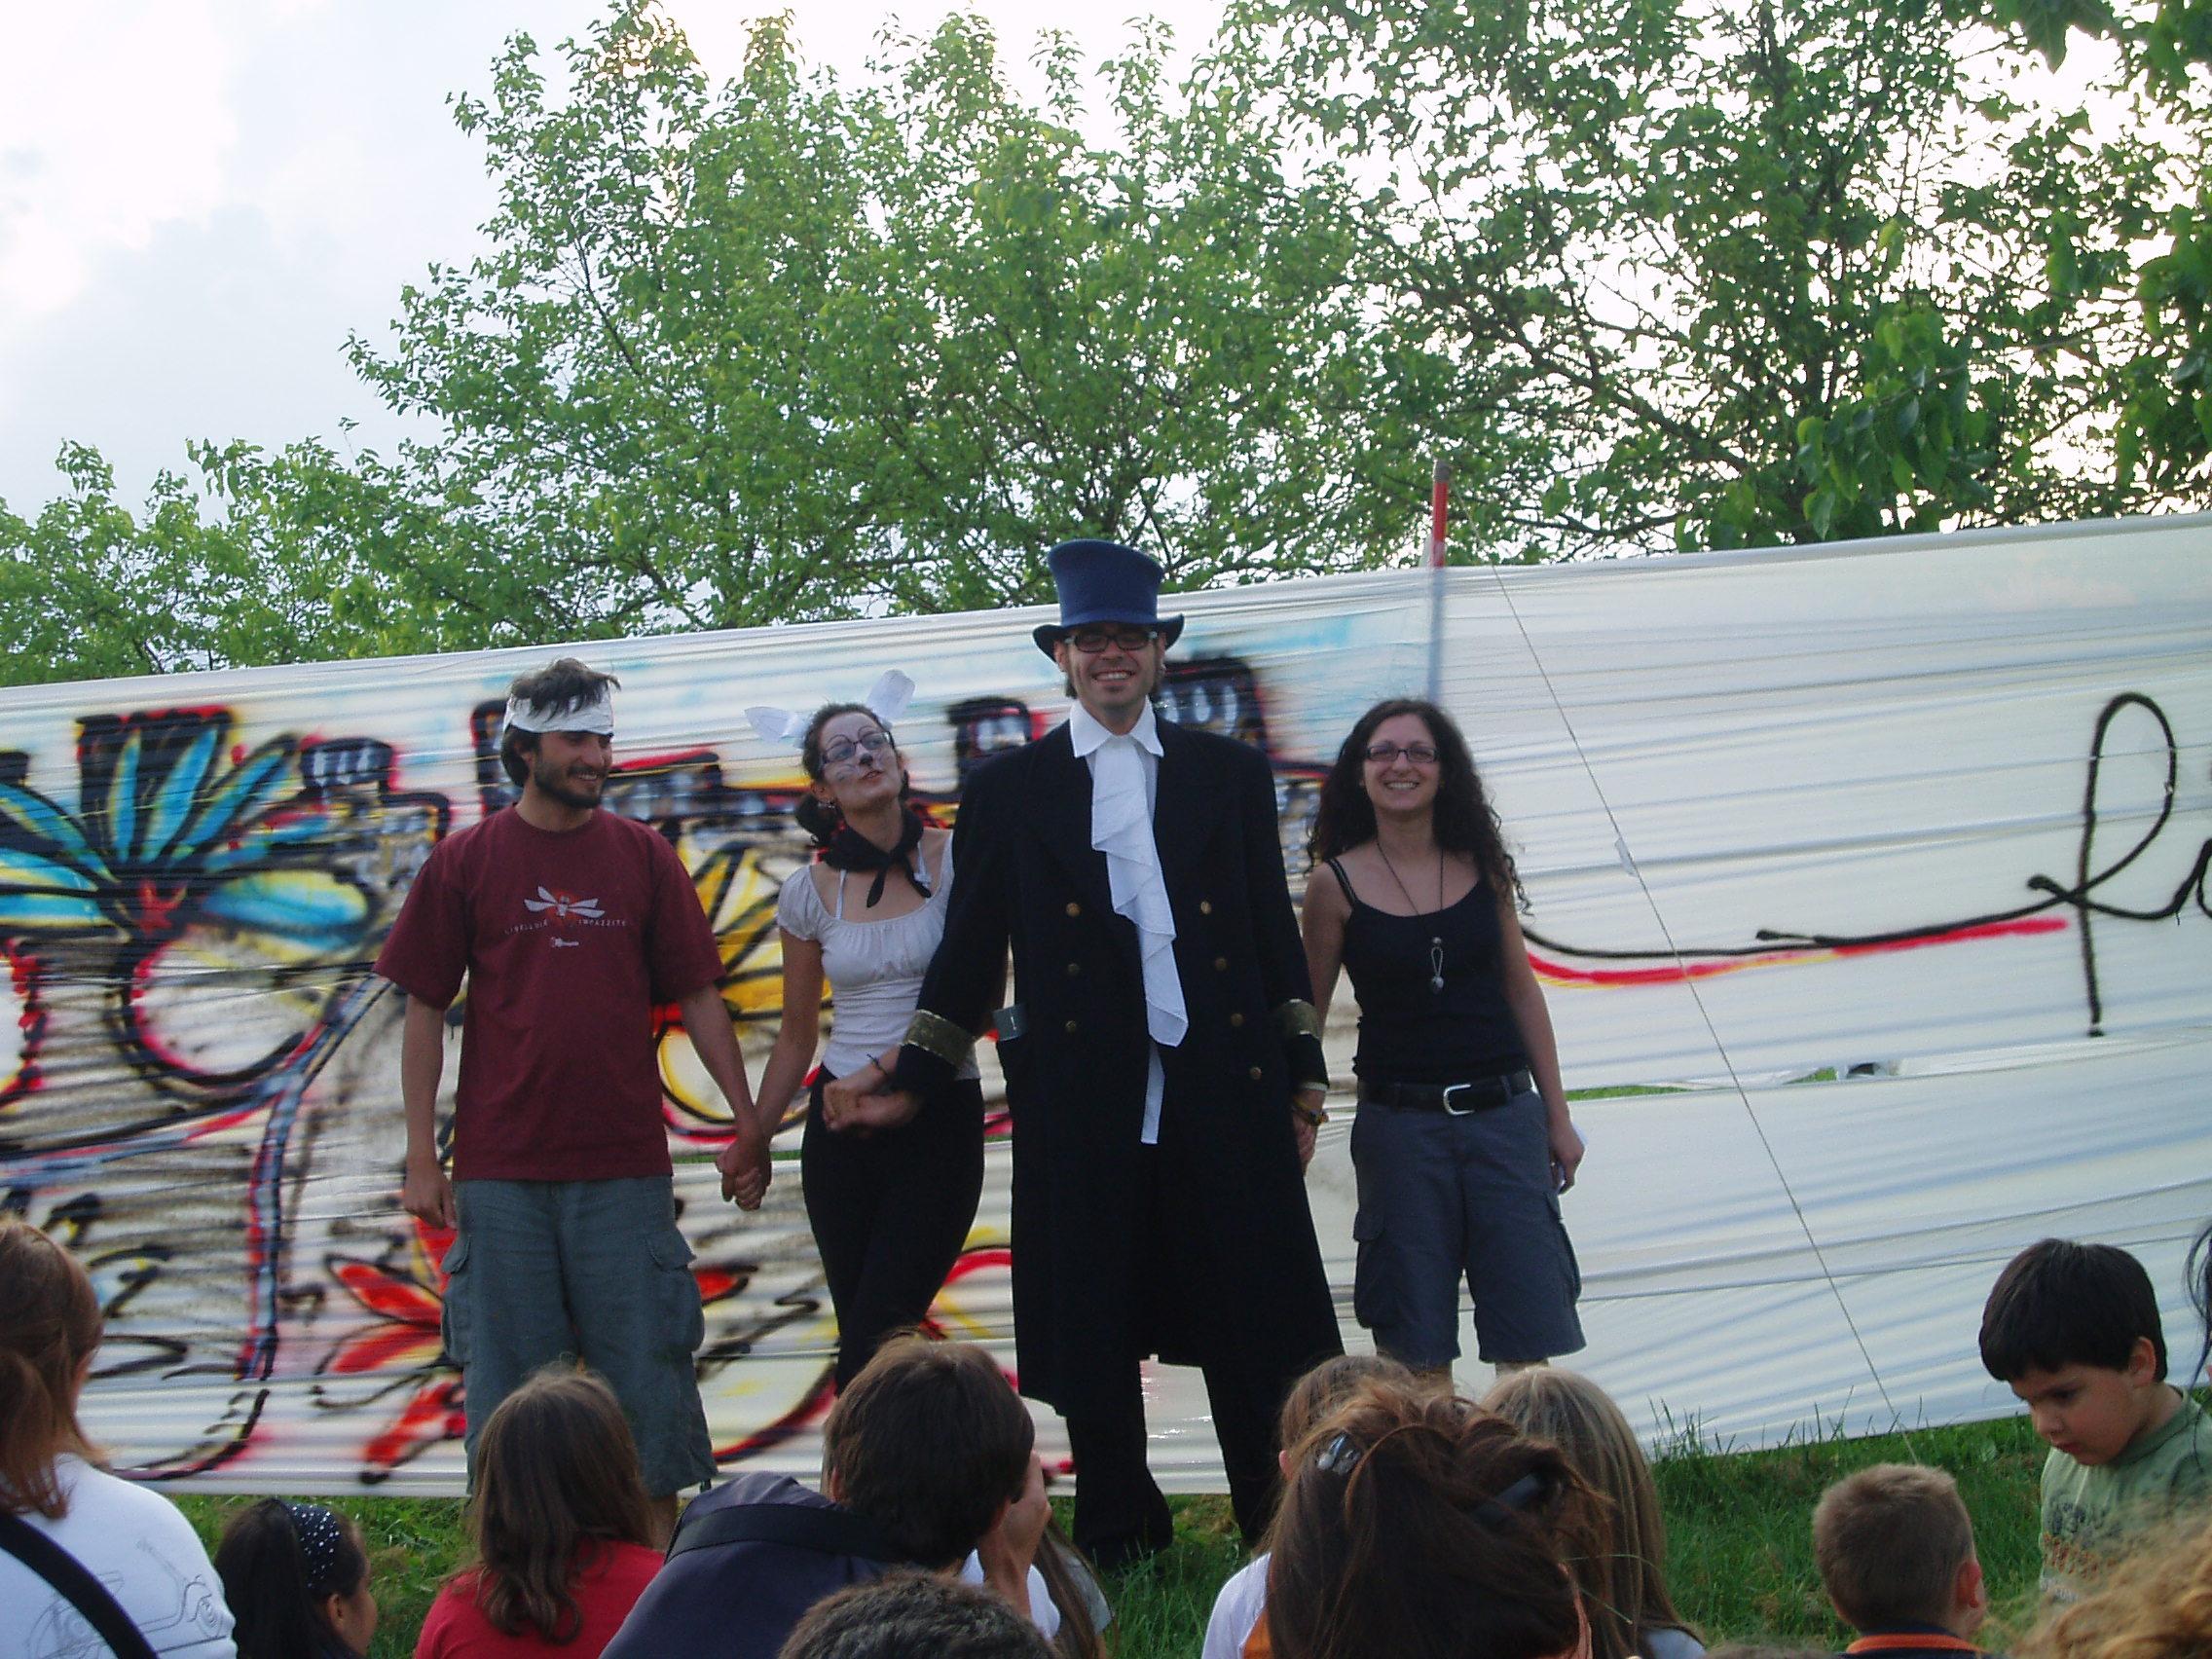 happening creativo al parco del retrone a_berica anarchici berici giocoleria spettacolo a vicenza alternativa la comune di vicenzateatro musica danze